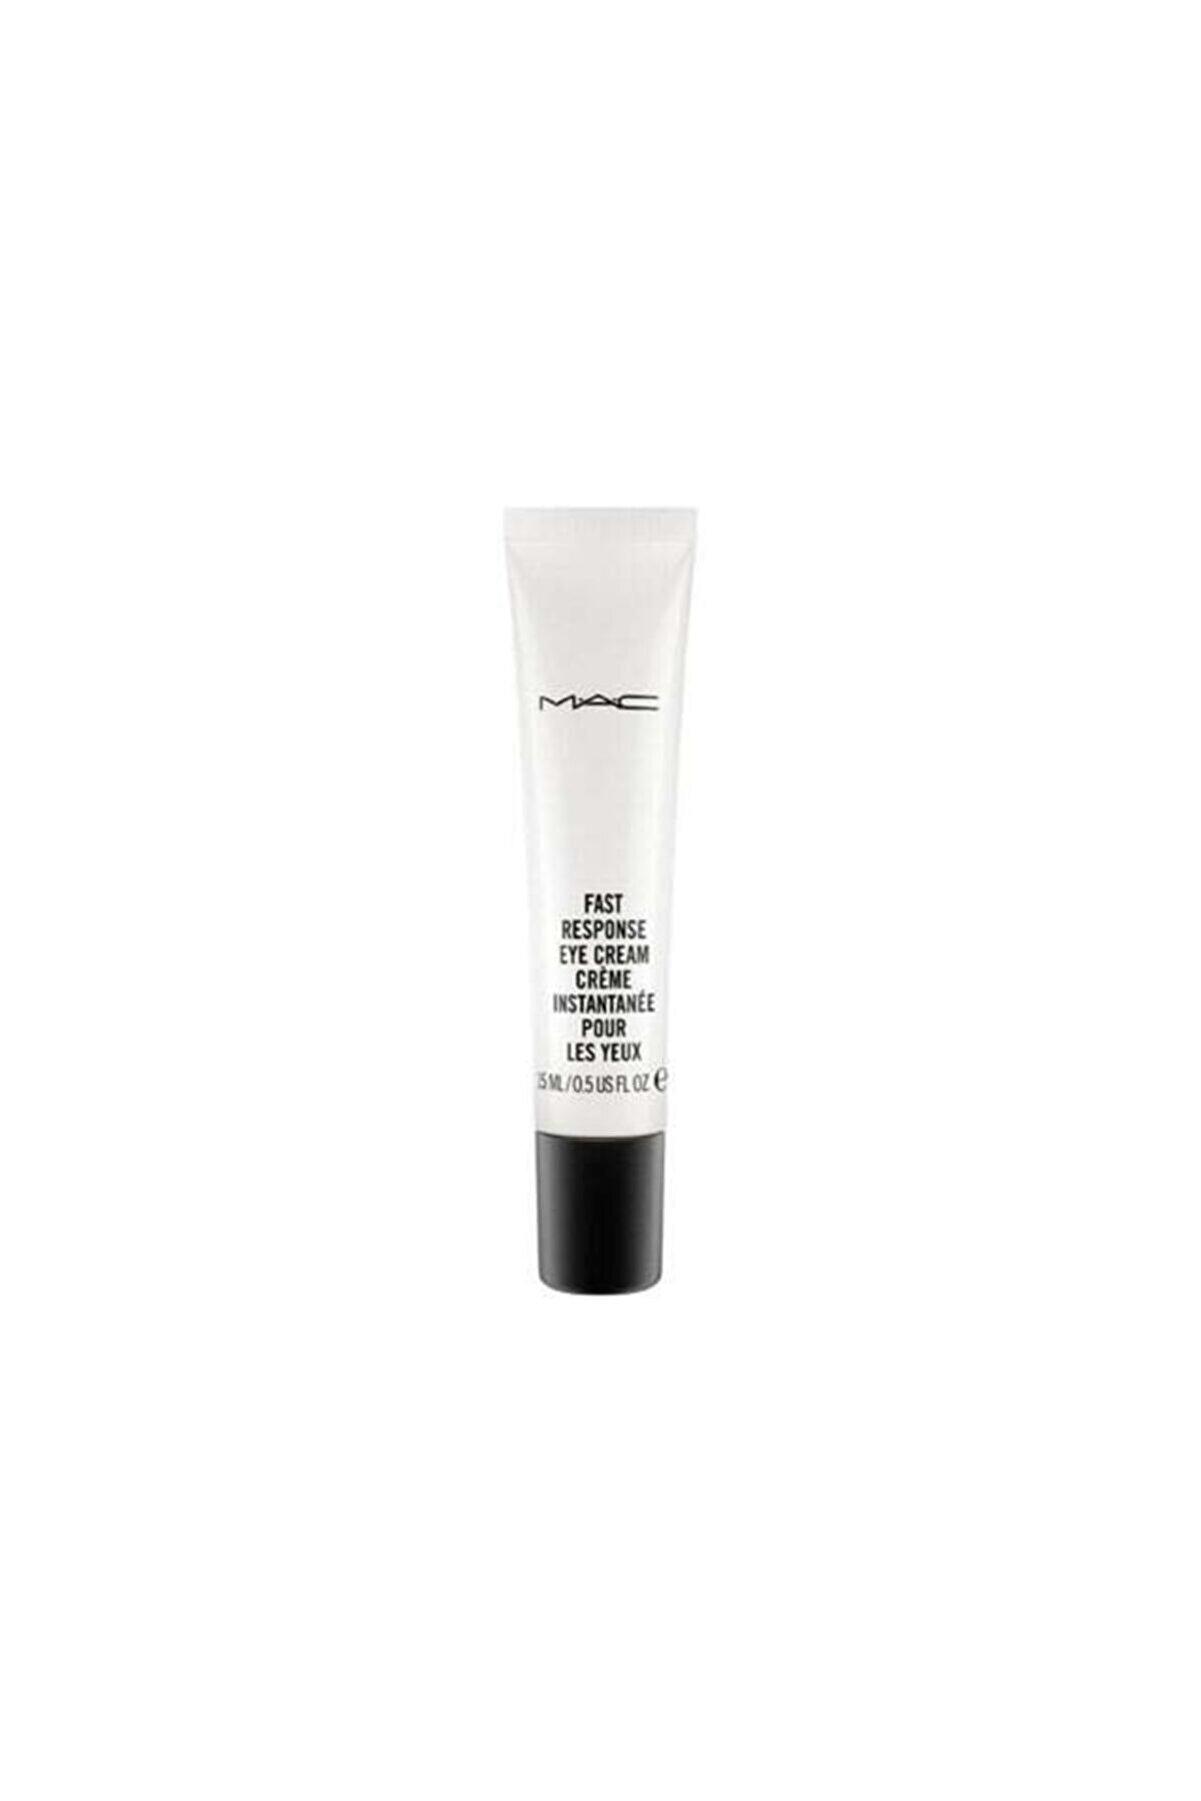 Mac Göz Çevresi için Nemlendirici Krem - Fast Response Eye Cream 15 ml 773602102822